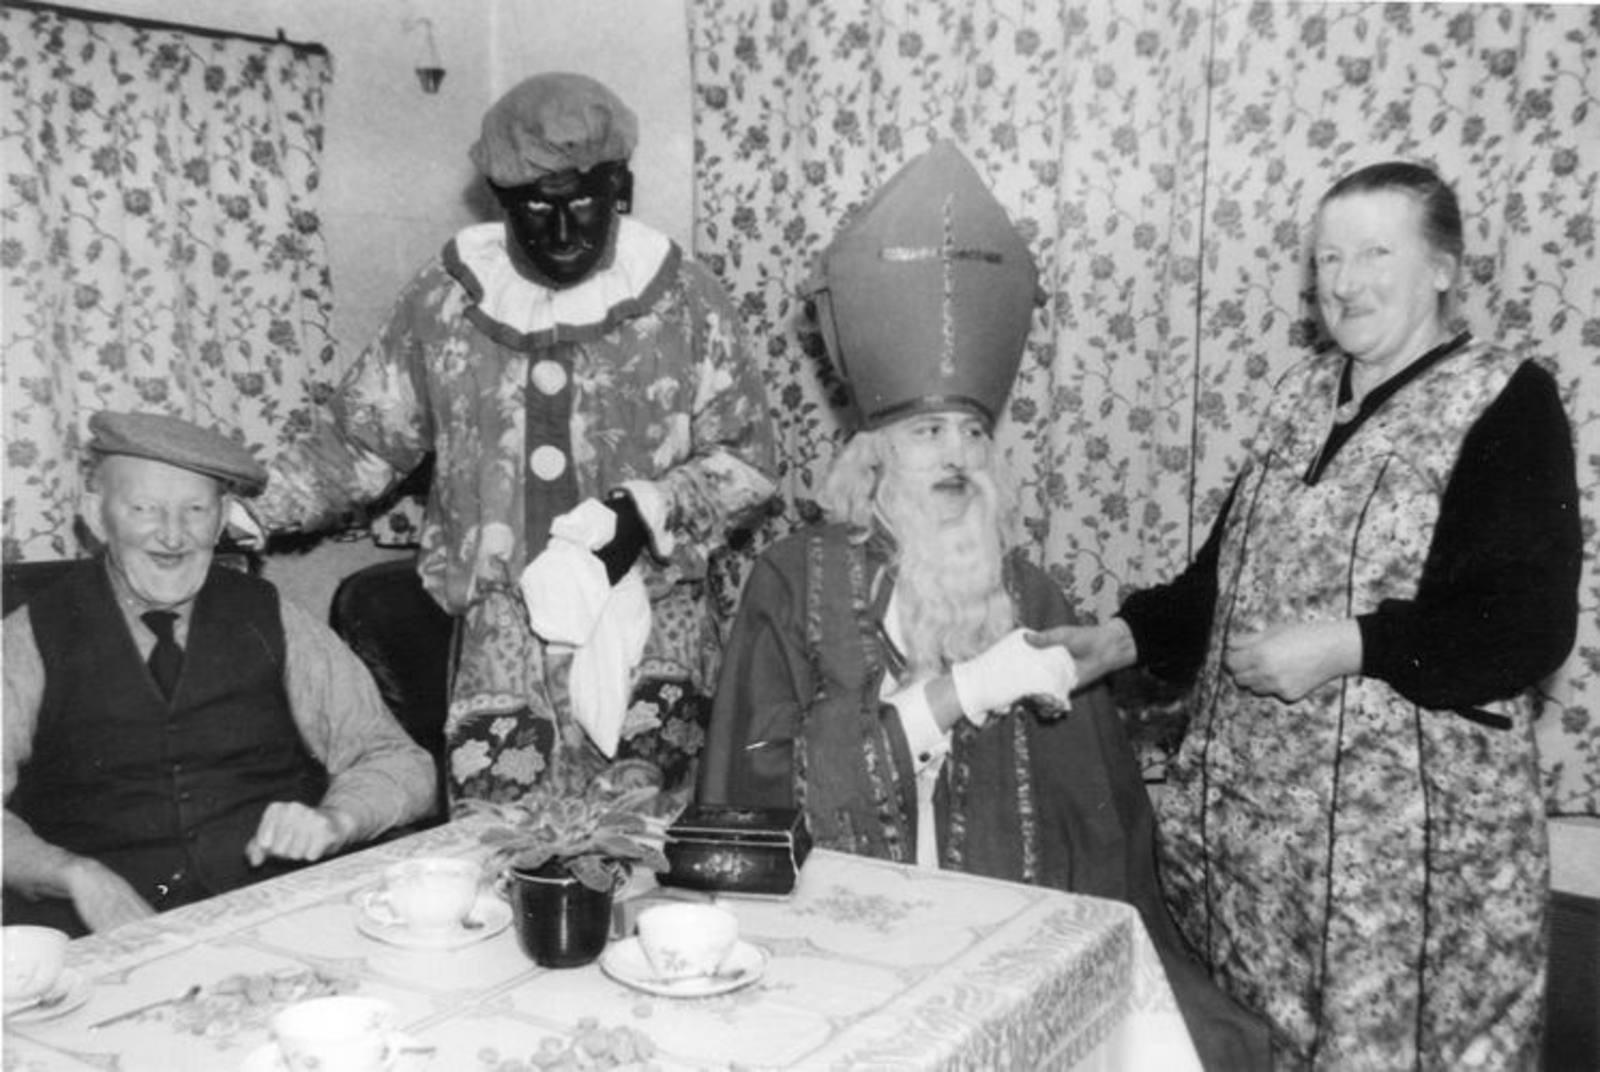 00 Wies Jan Azn 1956-57± en Opoe met Sinterklaas